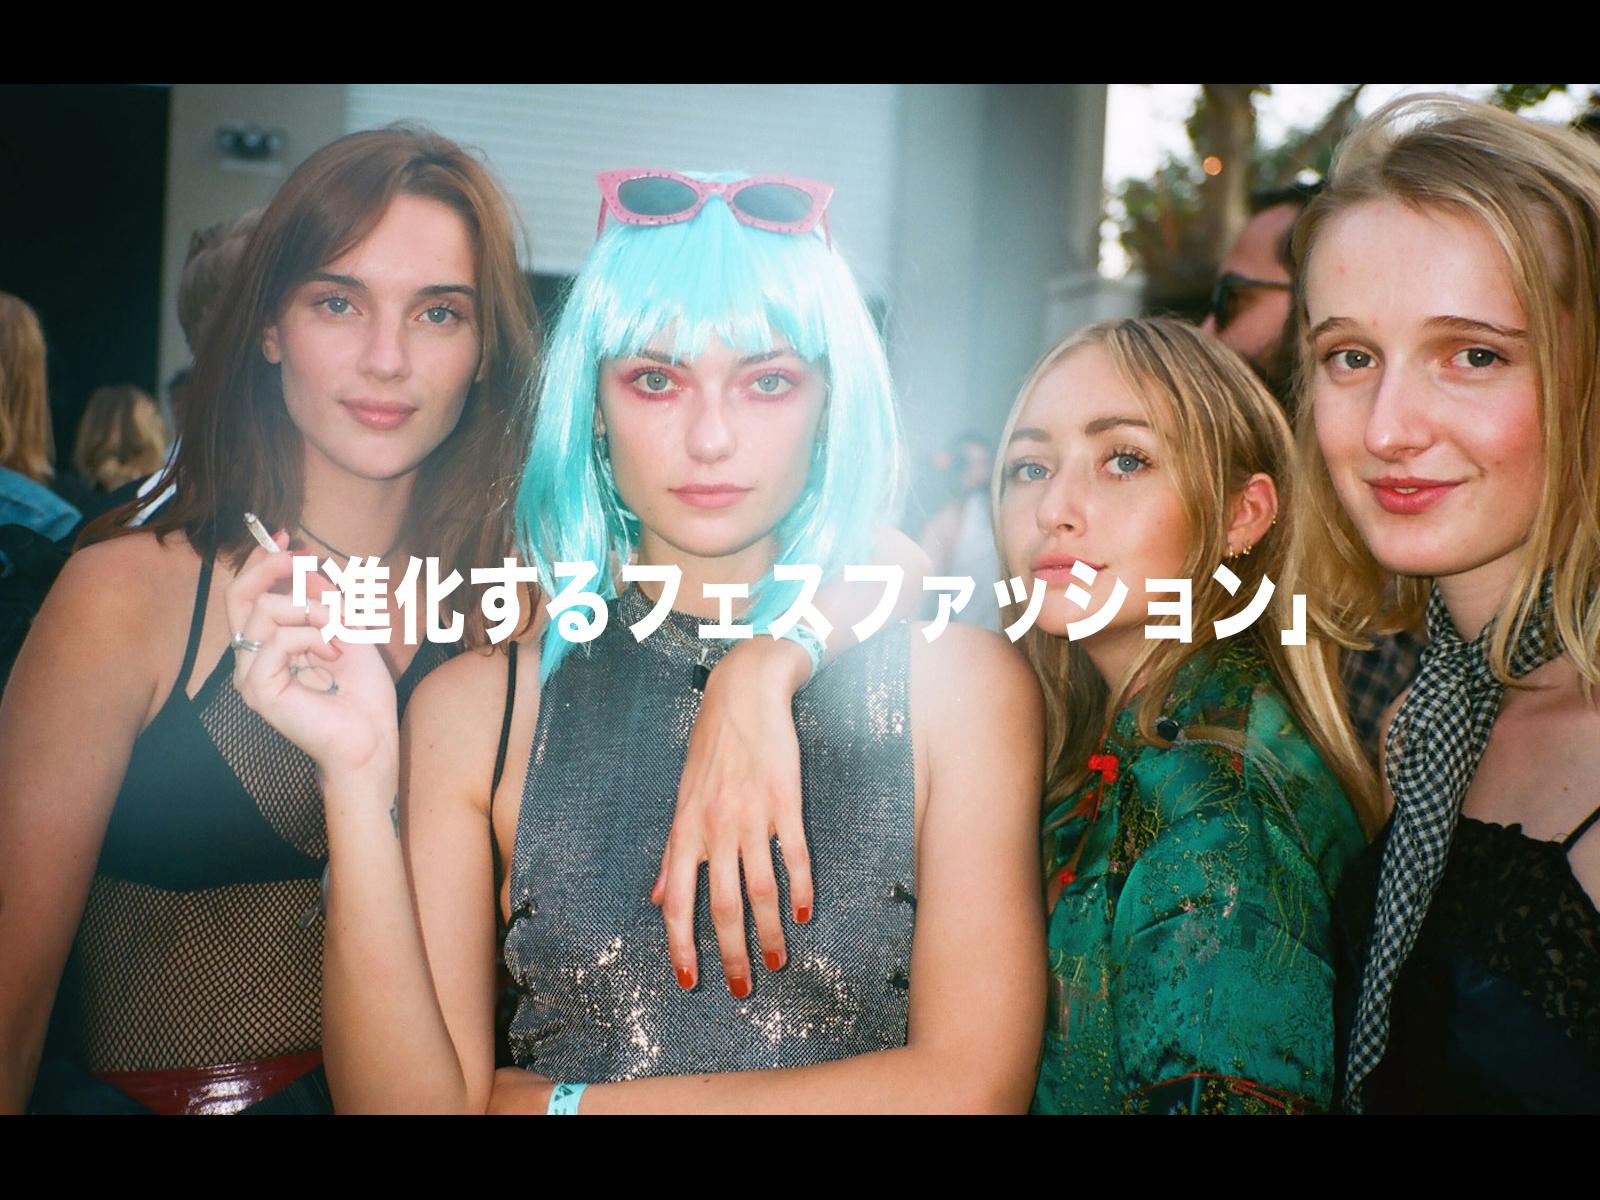 コラム:進化するフェスファッション